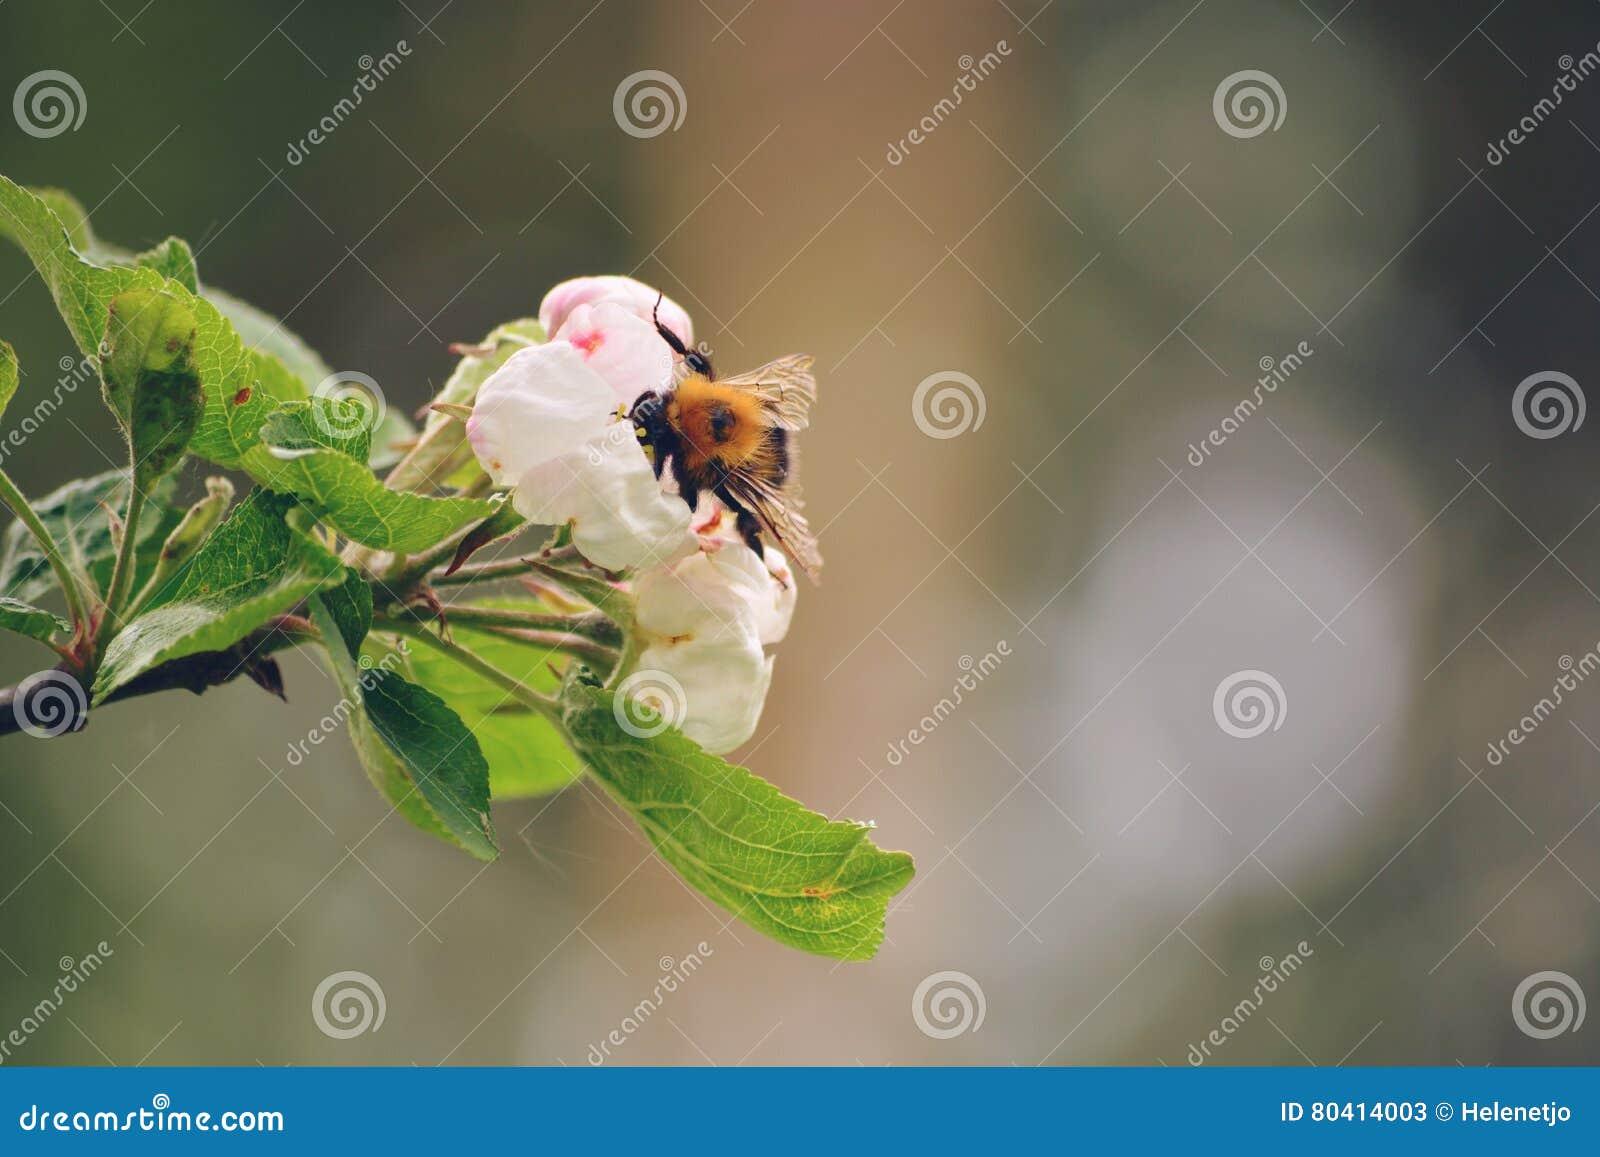 Hummel auf Blüte stockbild. Bild von hummel, blumen, apfel - 80414003